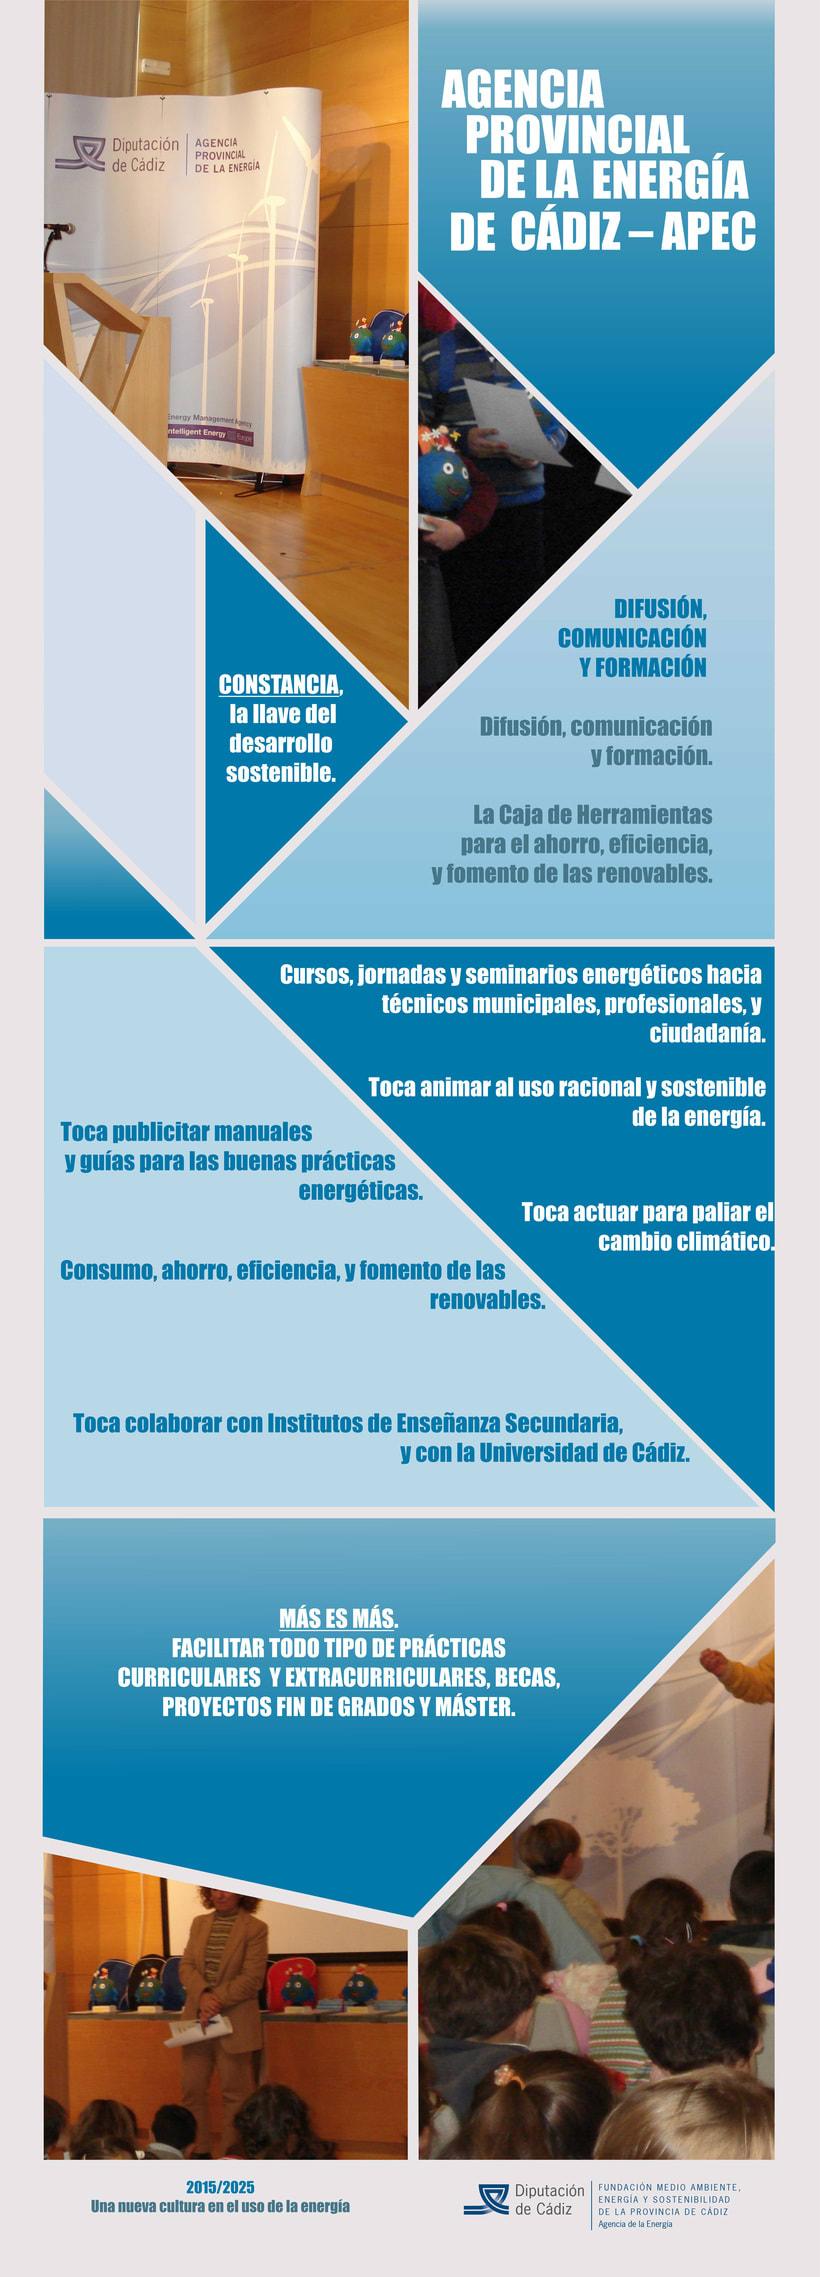 PROPUESTA PANELES PARA AGENCIA PROVINCIAL DE ENERGÍA  2016 5